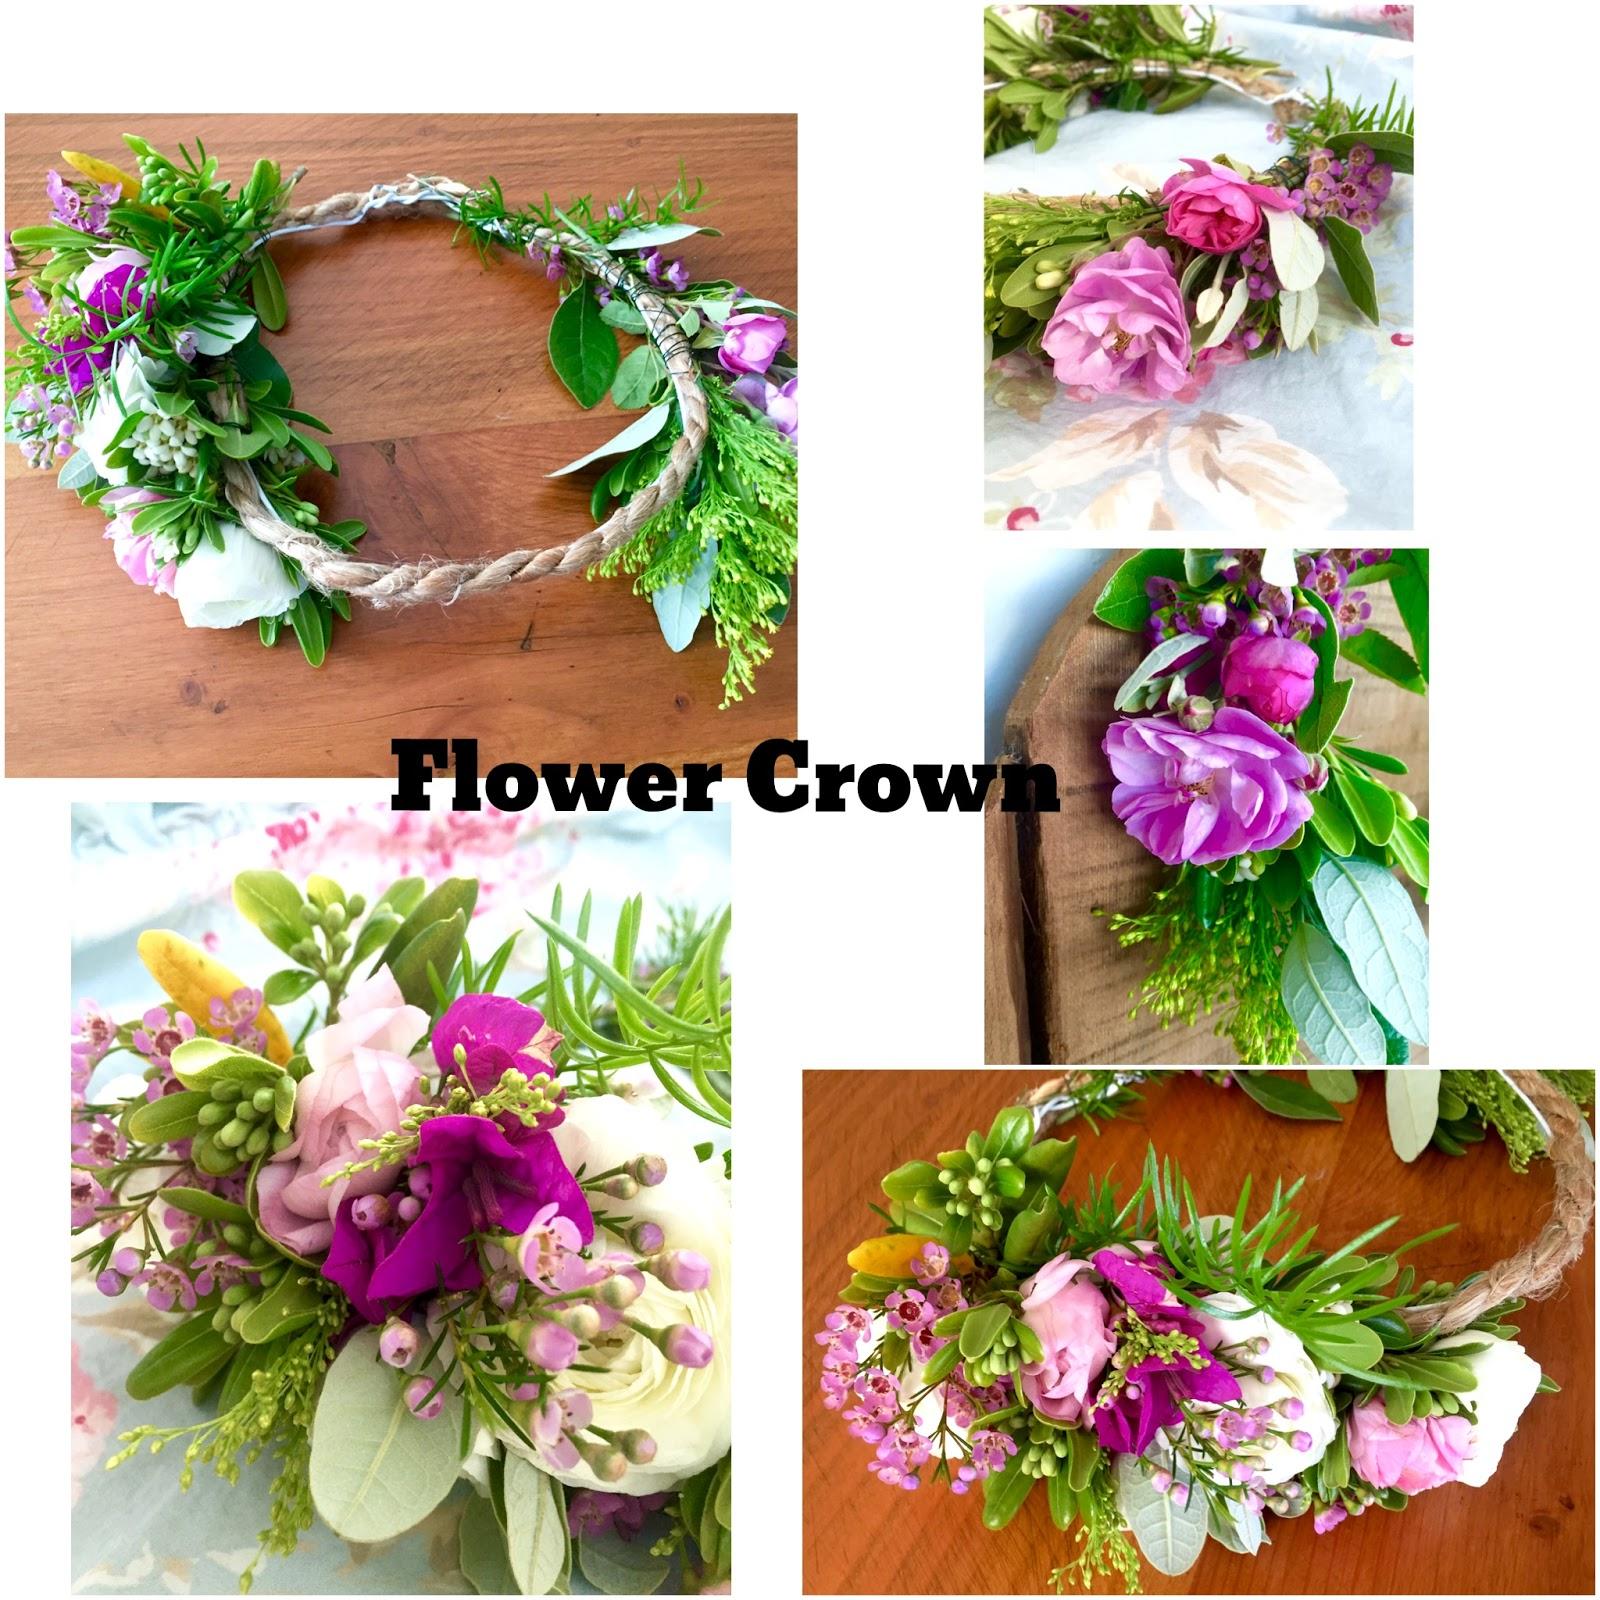 Dds cottage and design fresh flower crowns fresh flower crowns izmirmasajfo Gallery